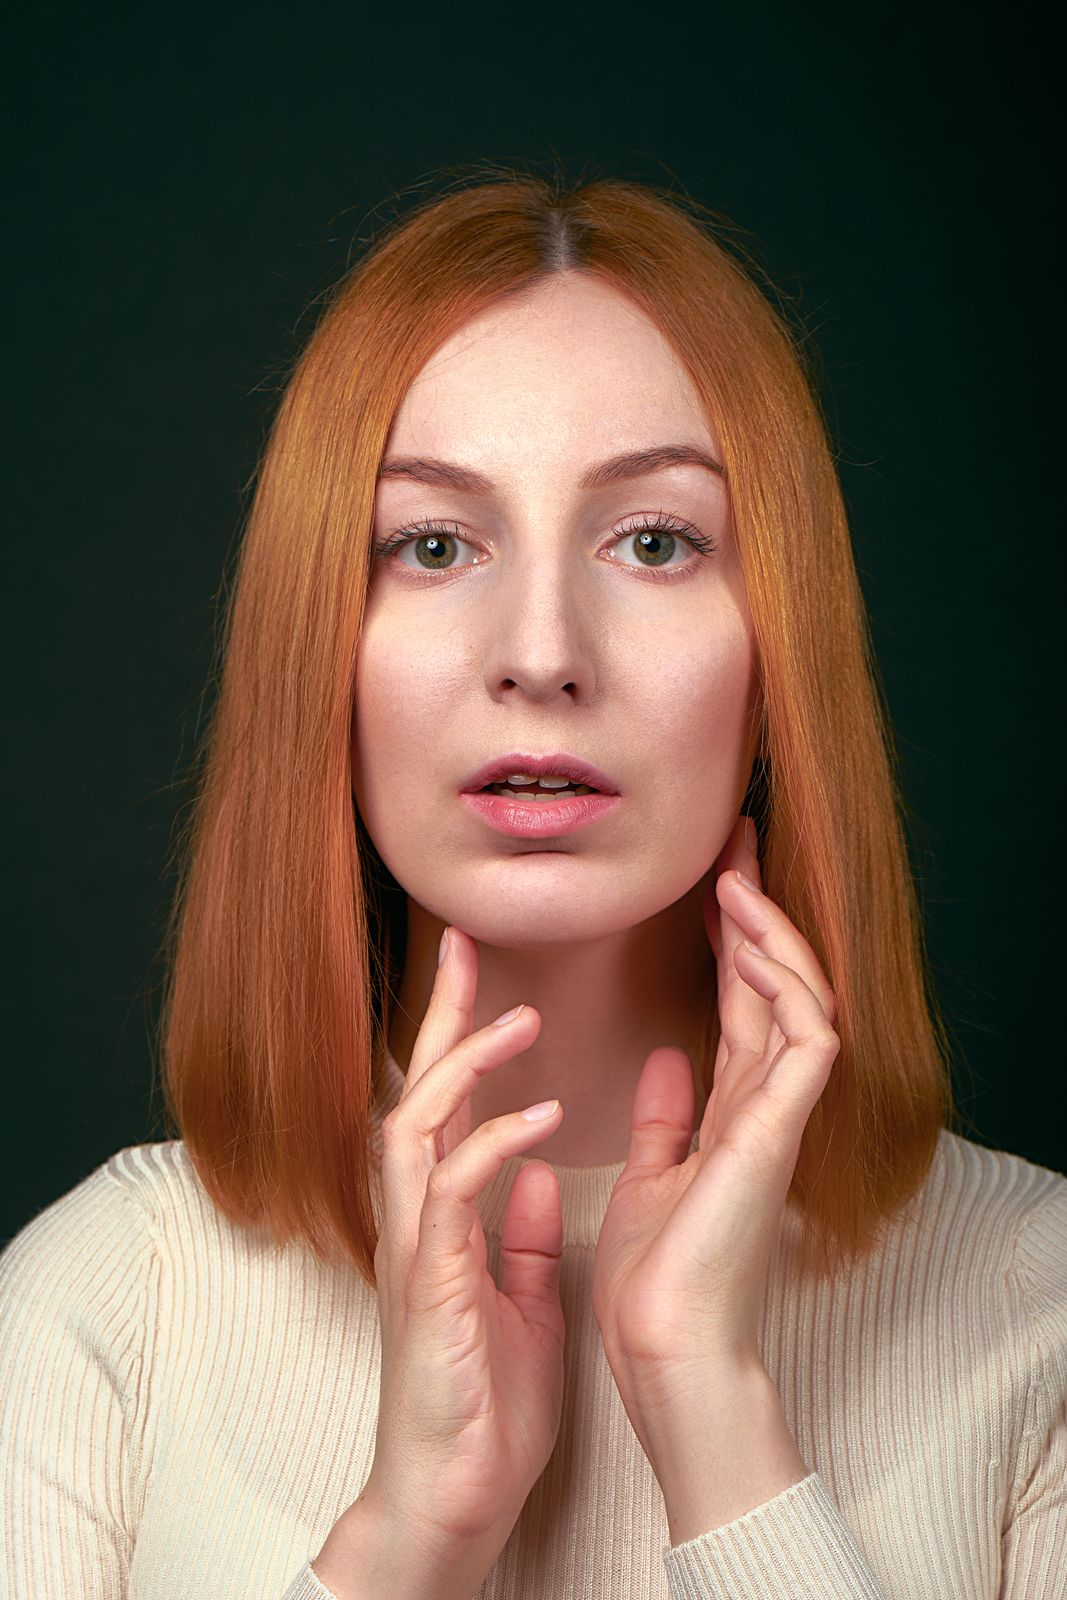 Elena девушка портрет рыжая глаза